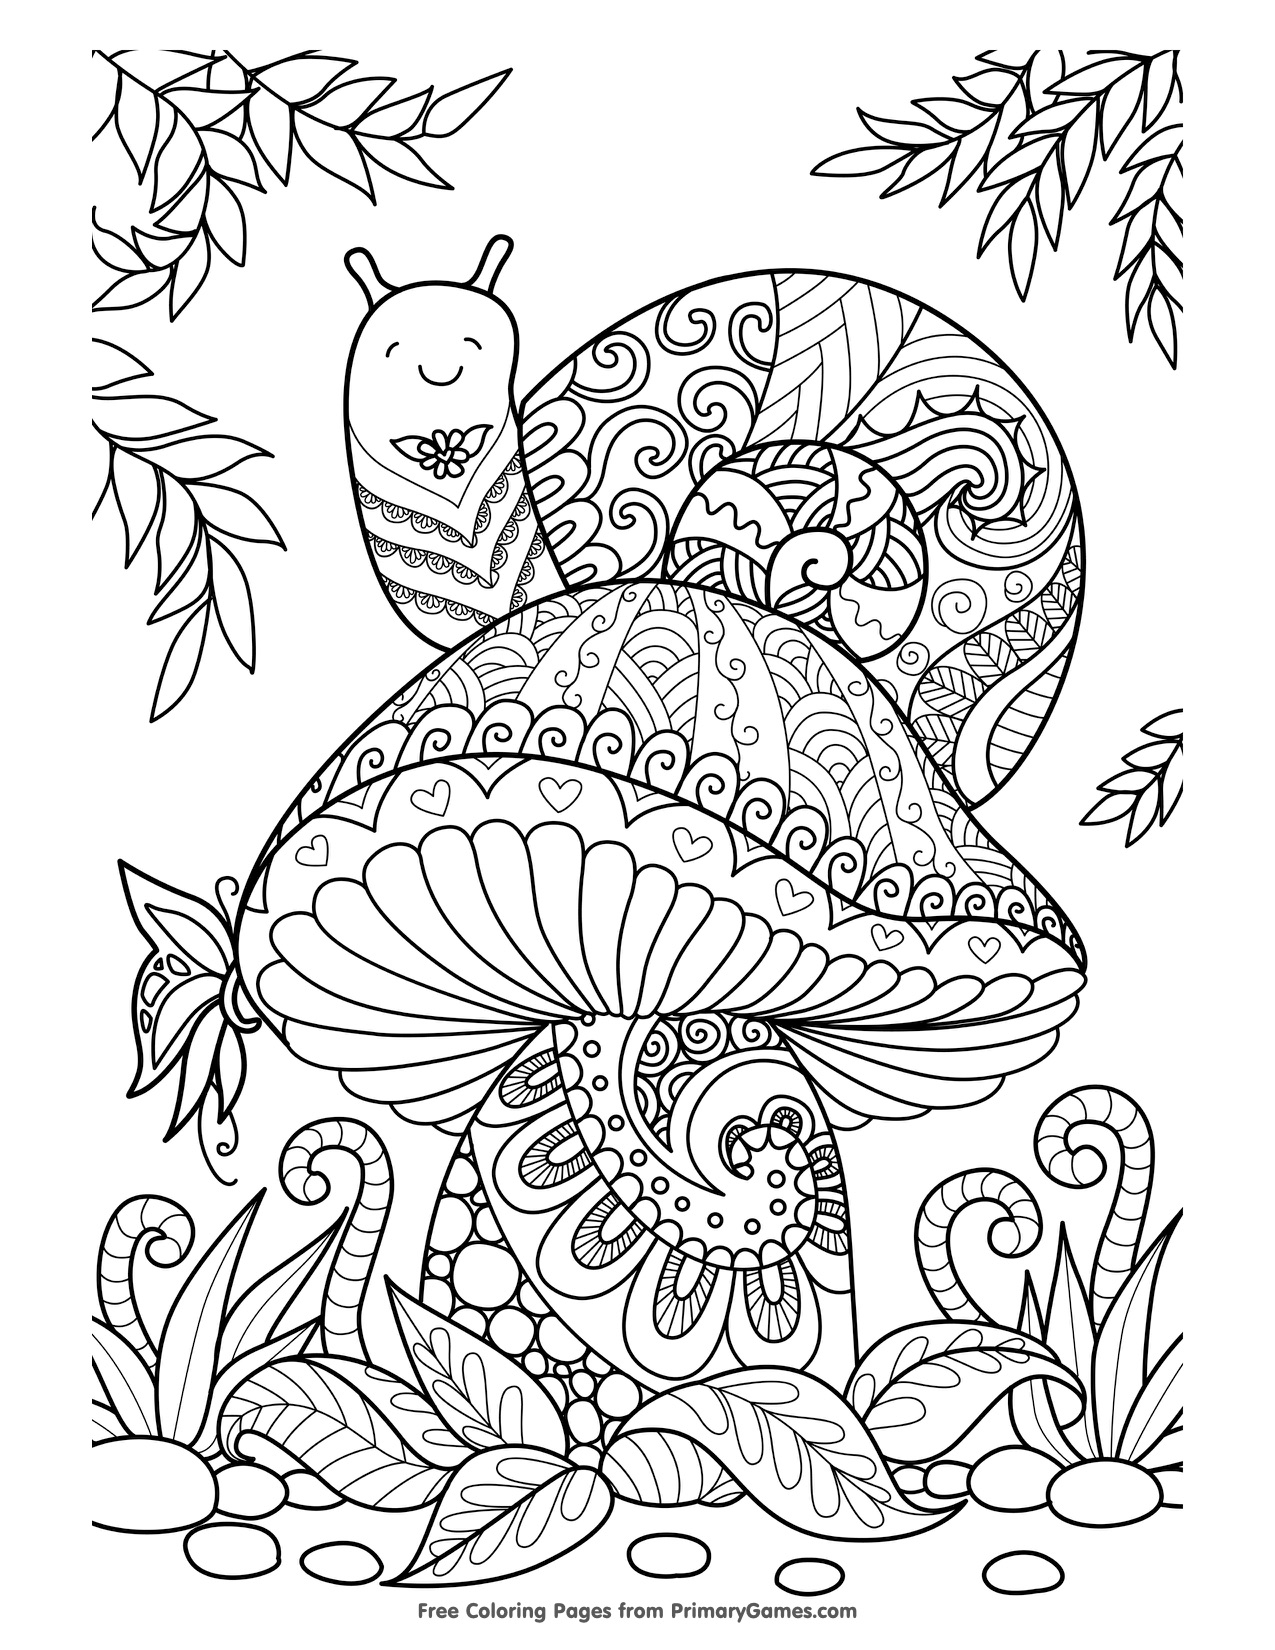 Disegni dell 39 autunno da colorare e stampare gratis fungo for Disegni da colorare e stampare di cars